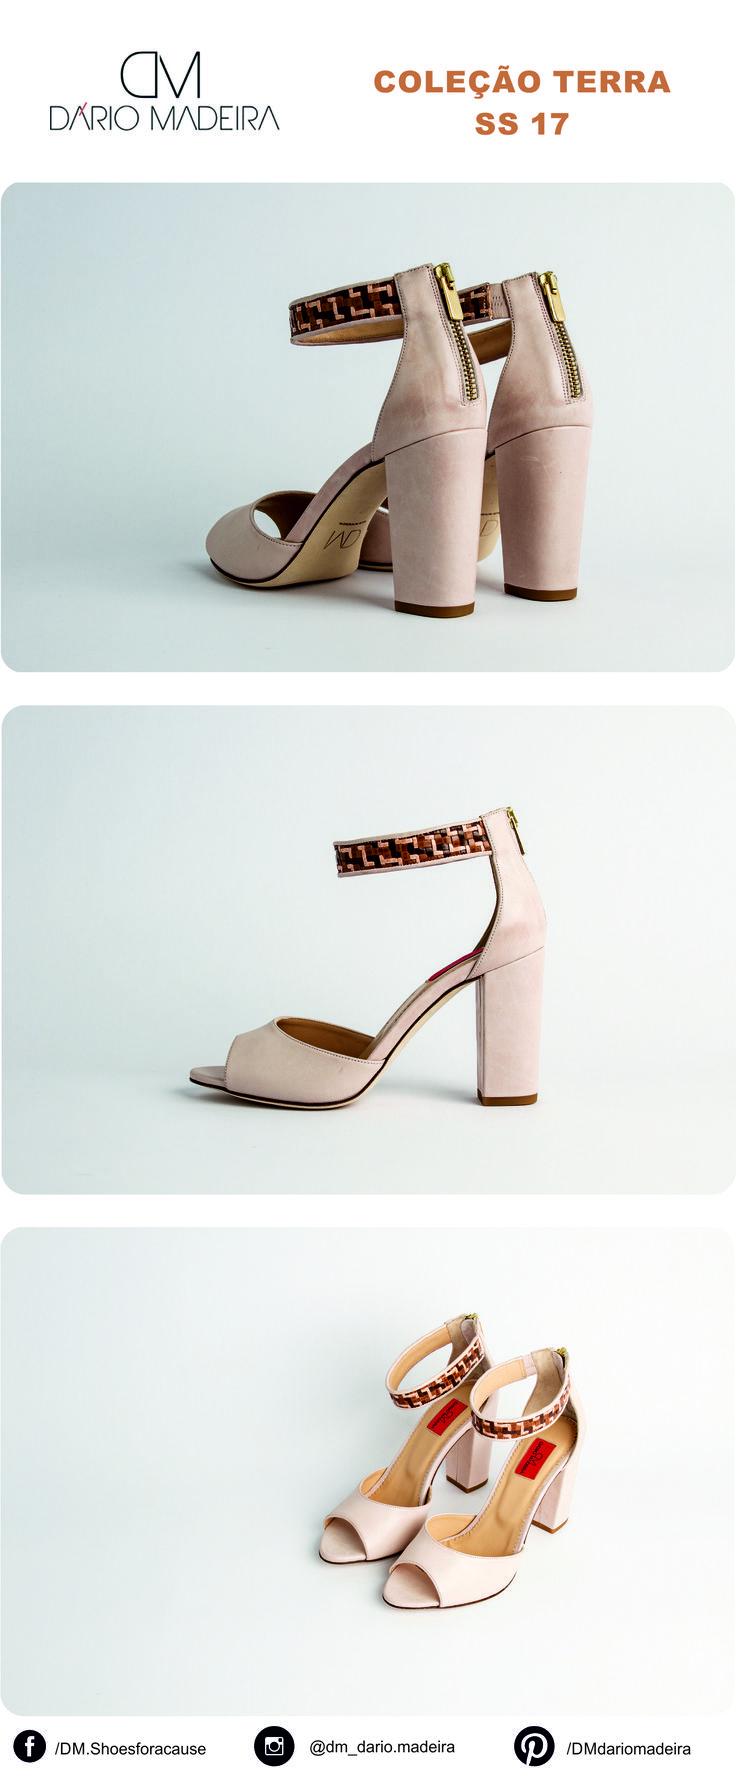 Sandália - Linha Terra | SS17 | DM - Dário Madeira  Sapato de Senhora | Shoes for a cause | Calçado Português | Portuguese Shoes | Made In Portugal